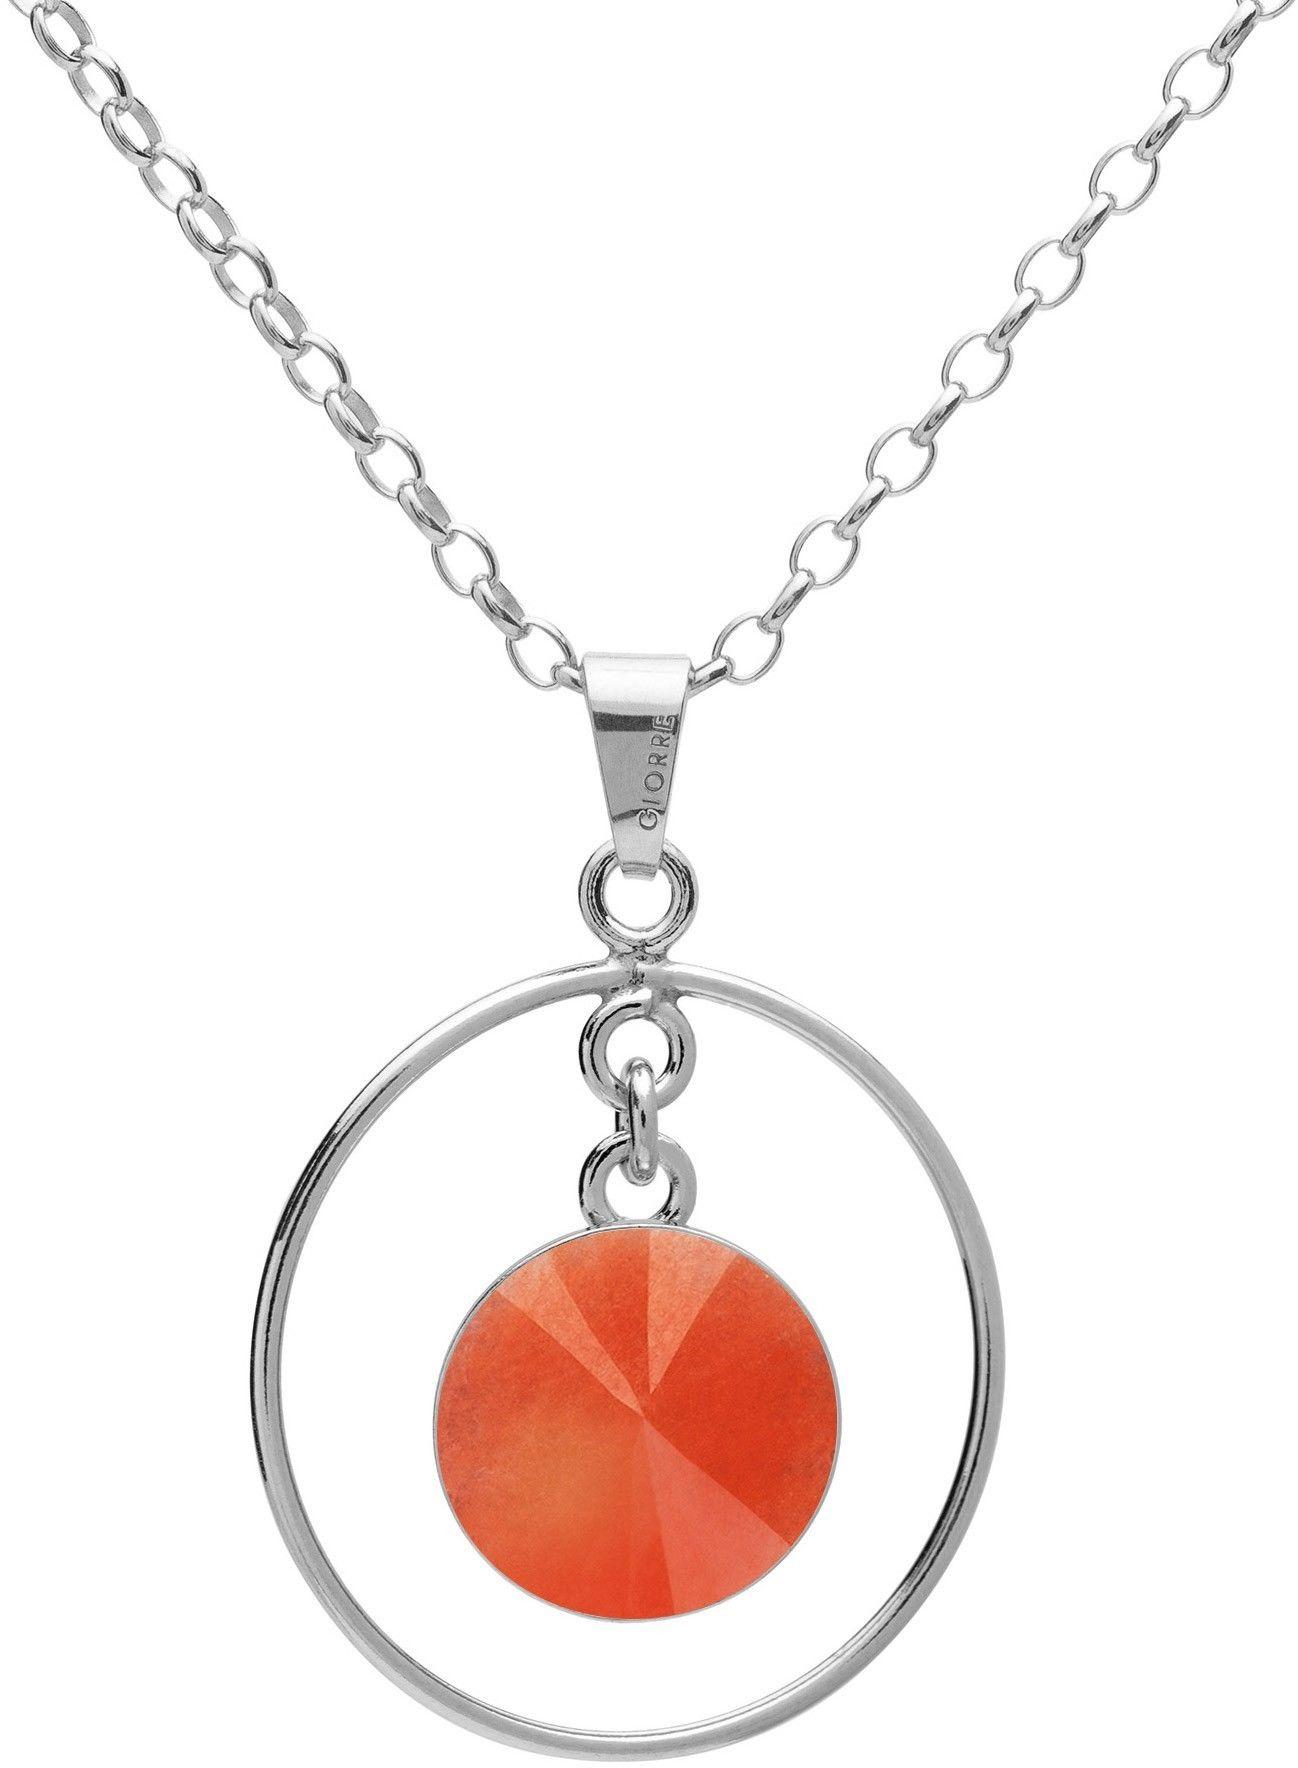 Okrągły naszyjnik z naturalnym kamieniem - jadeit, srebro 925 : Długość (cm) - 45 + 5, Kamienie naturalne - kolor - jadeit pomarańczowy, Srebro - kolor pokrycia - Pokrycie platyną